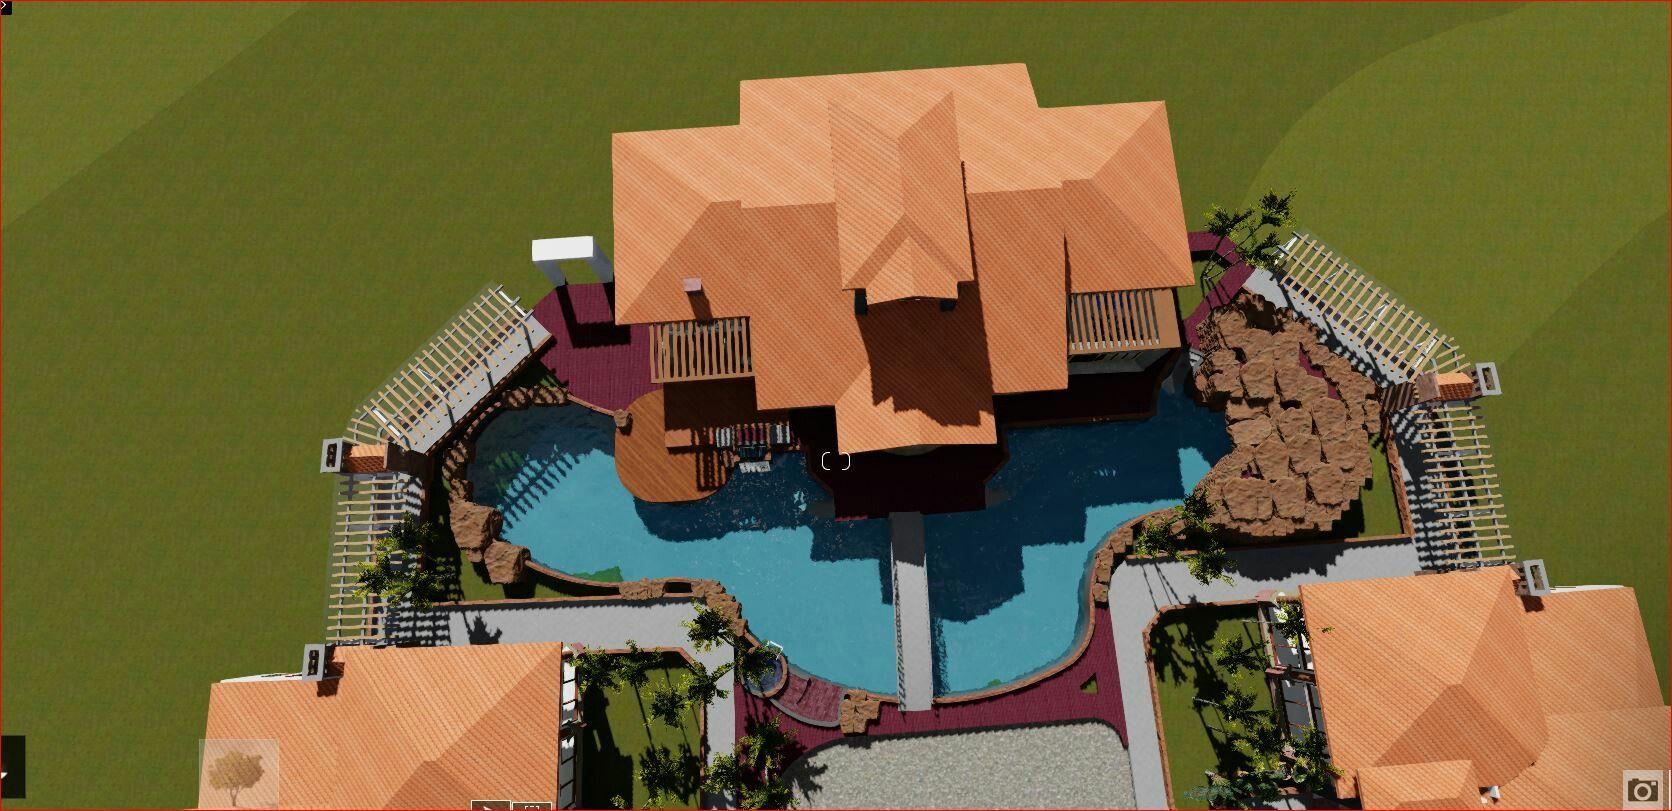 Vista superior del área social y piscina, proyecto Choluteca, Honduras   Arq. Hector Larios